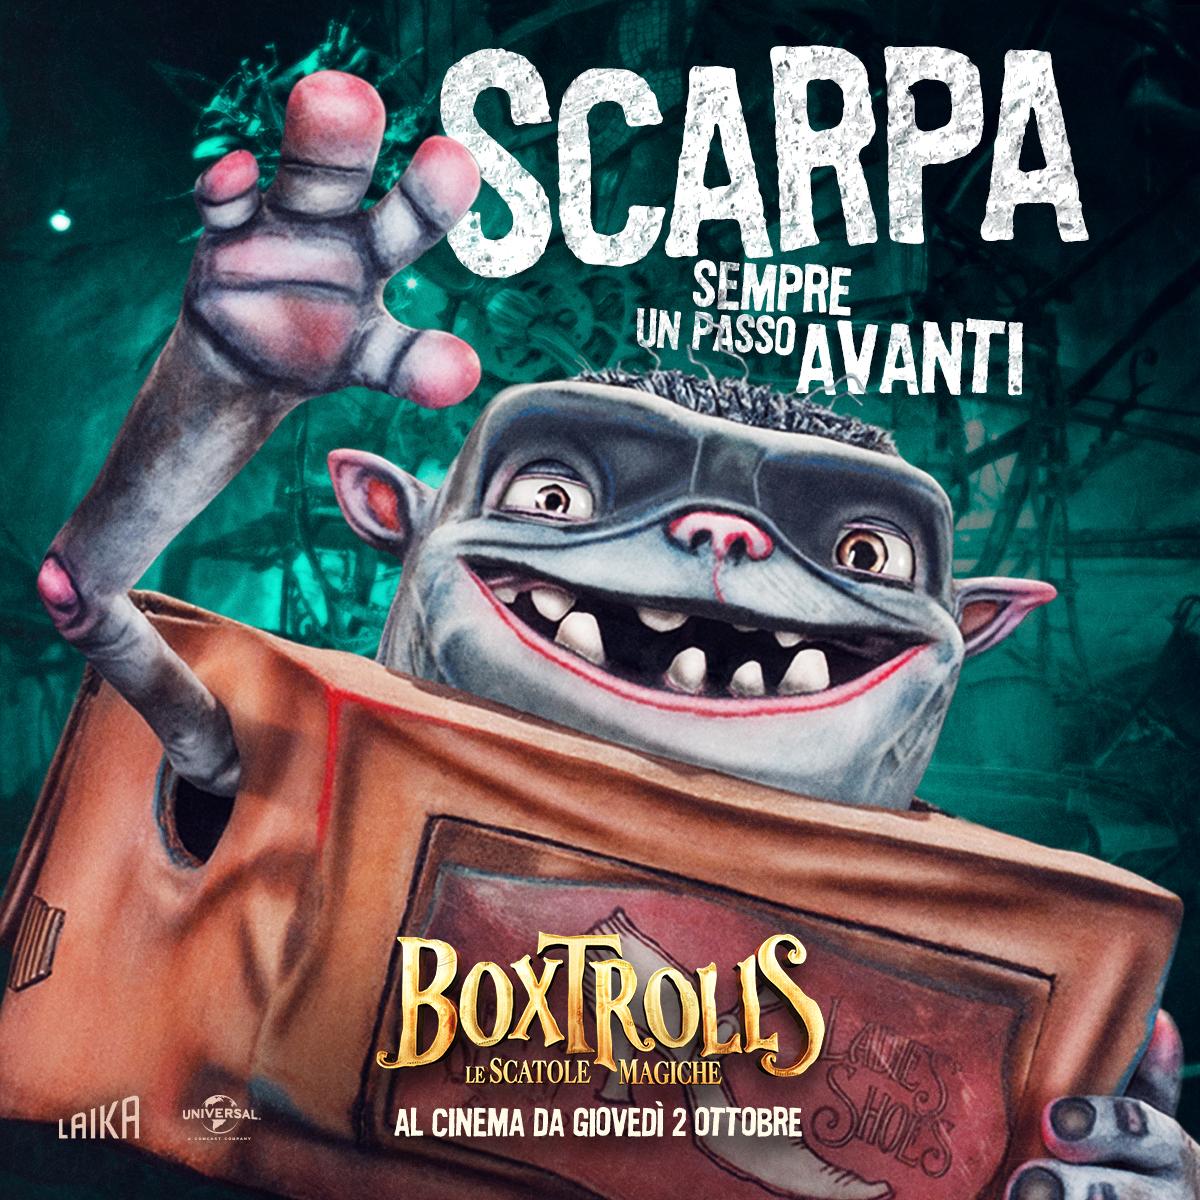 Boxtrolls - Le scatole magiche: il character banner italiano di Scarpa